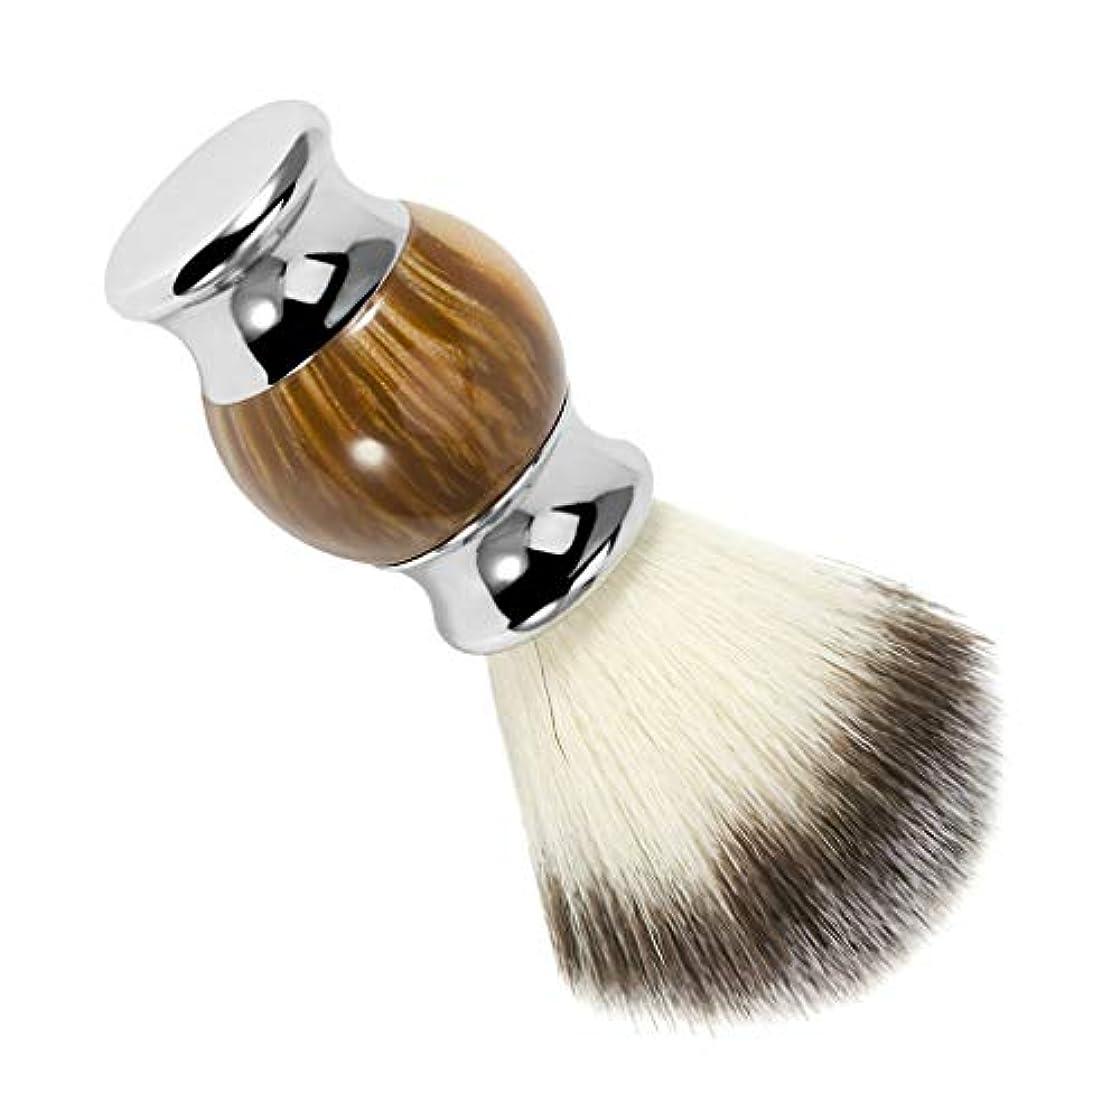 時代遅れ船員廊下シェービングブラシ 理髪ブラシ 剃毛ブラシ 口ひげブラシ 樹脂ハンドル 理髪サロン